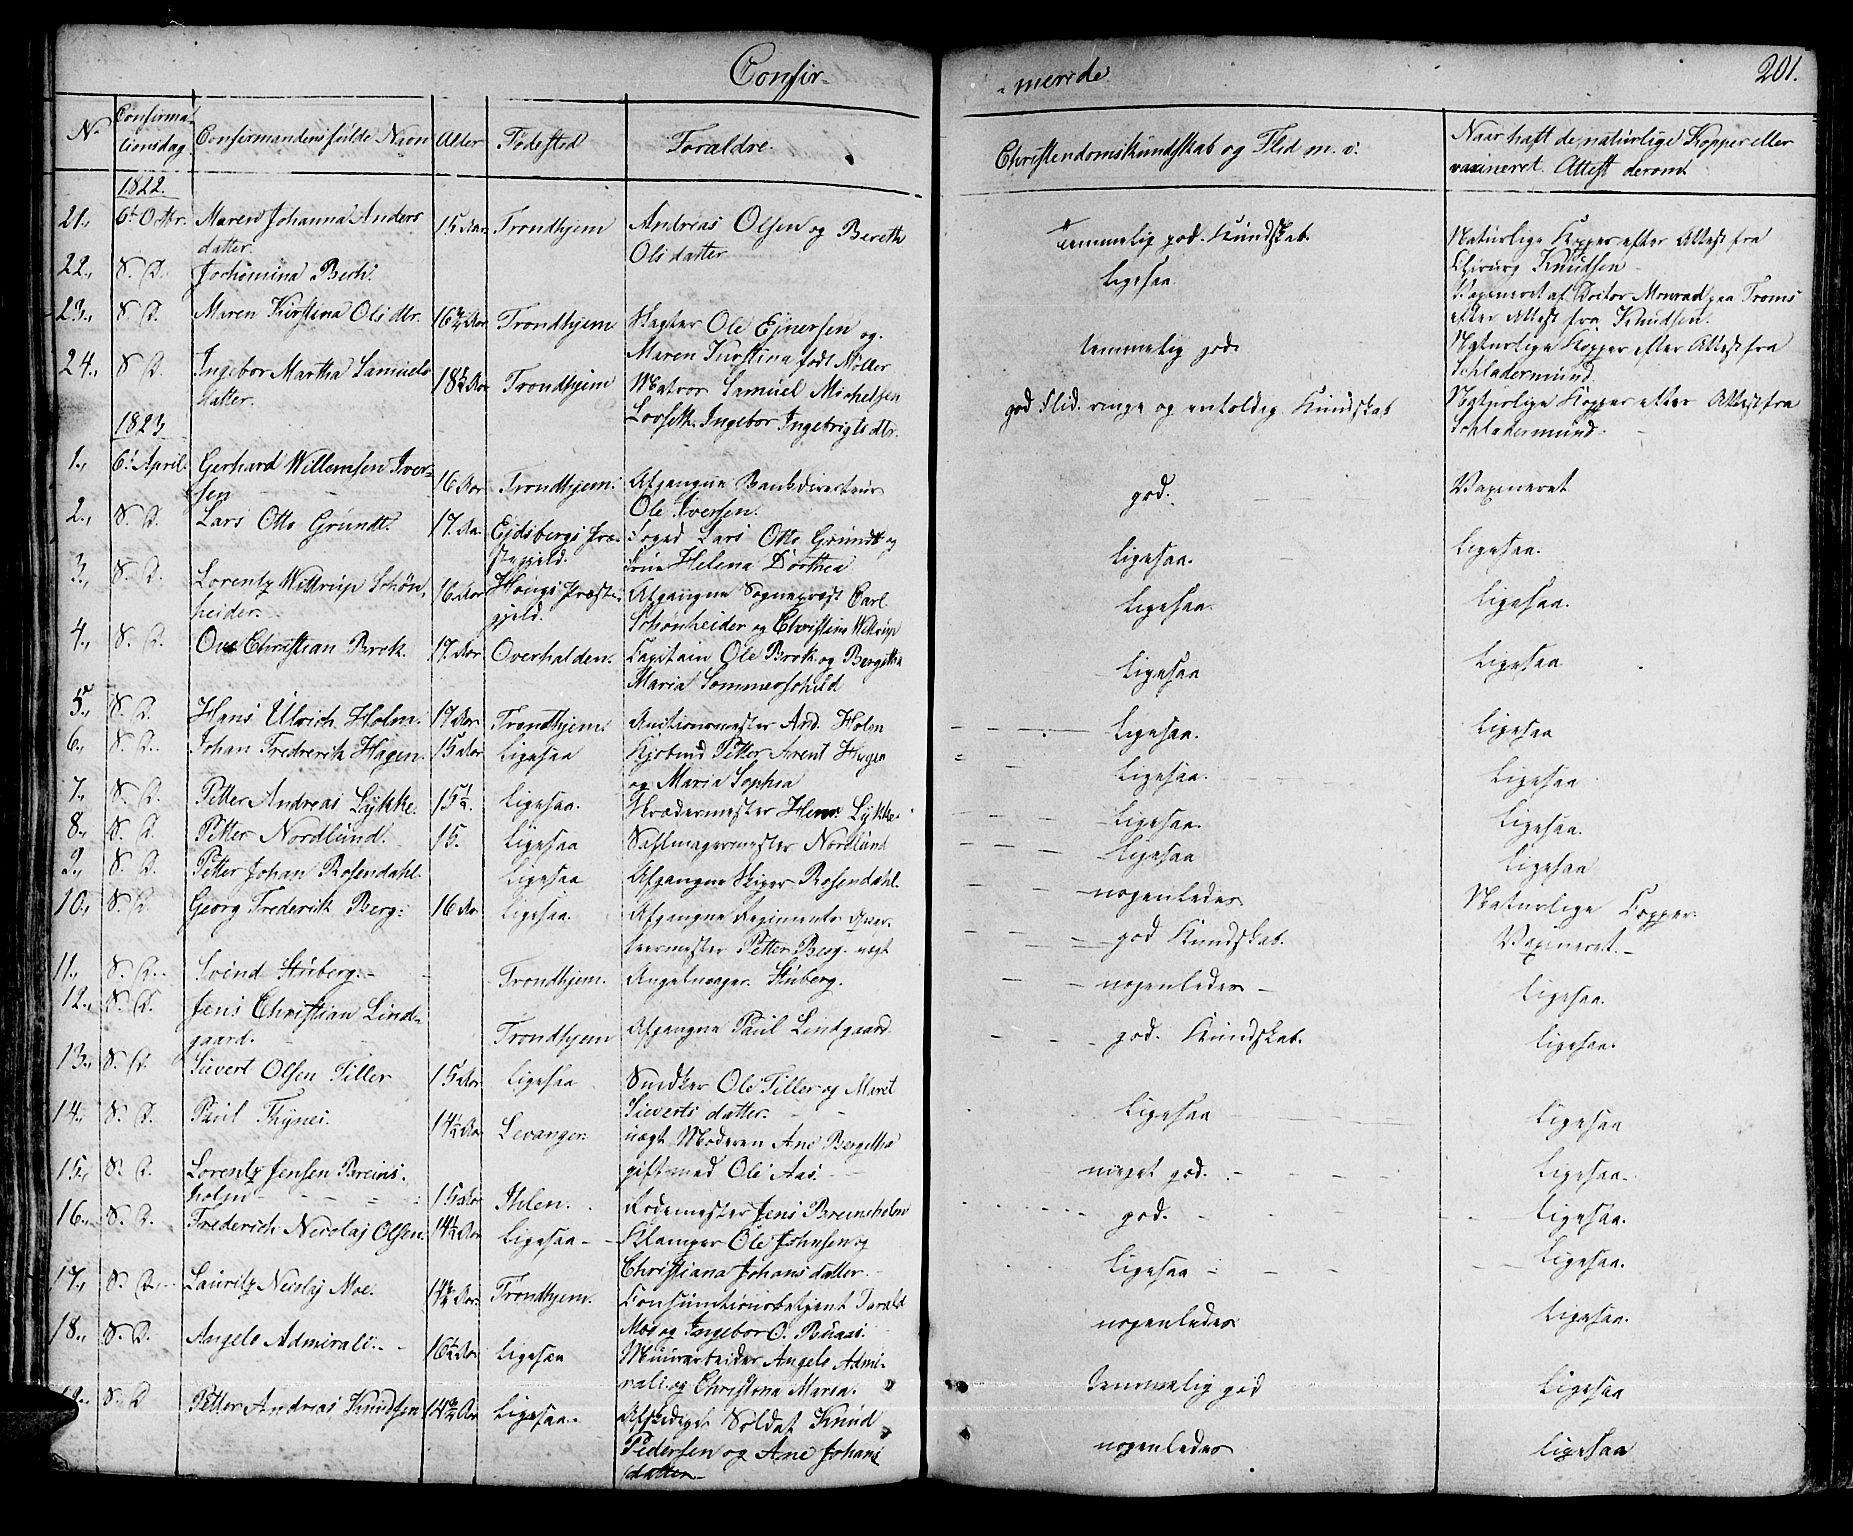 SAT, Ministerialprotokoller, klokkerbøker og fødselsregistre - Sør-Trøndelag, 601/L0045: Ministerialbok nr. 601A13, 1821-1831, s. 201